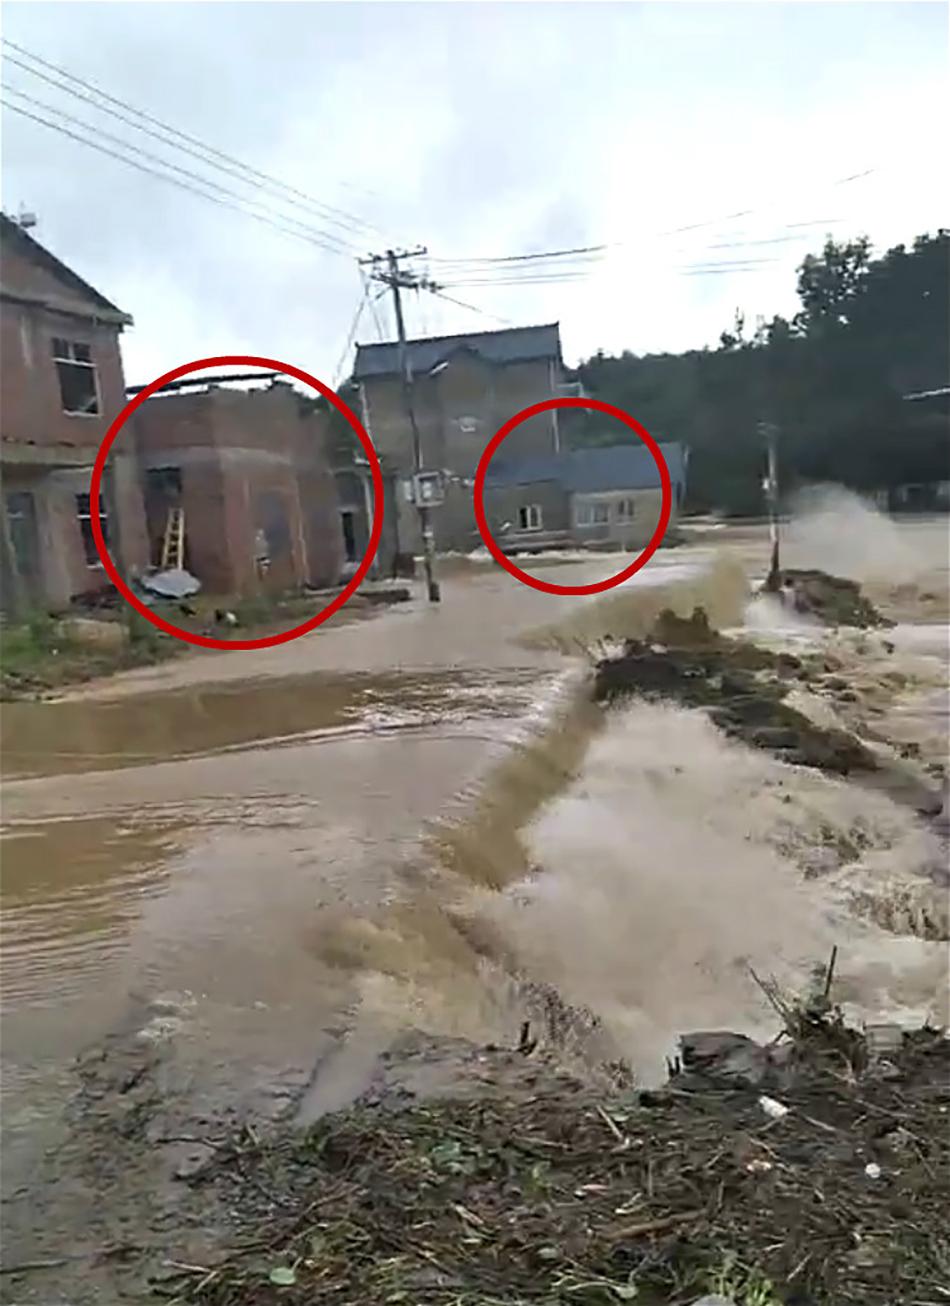 源公村决堤前的景象,图中红圈内即为被水冲走的房子